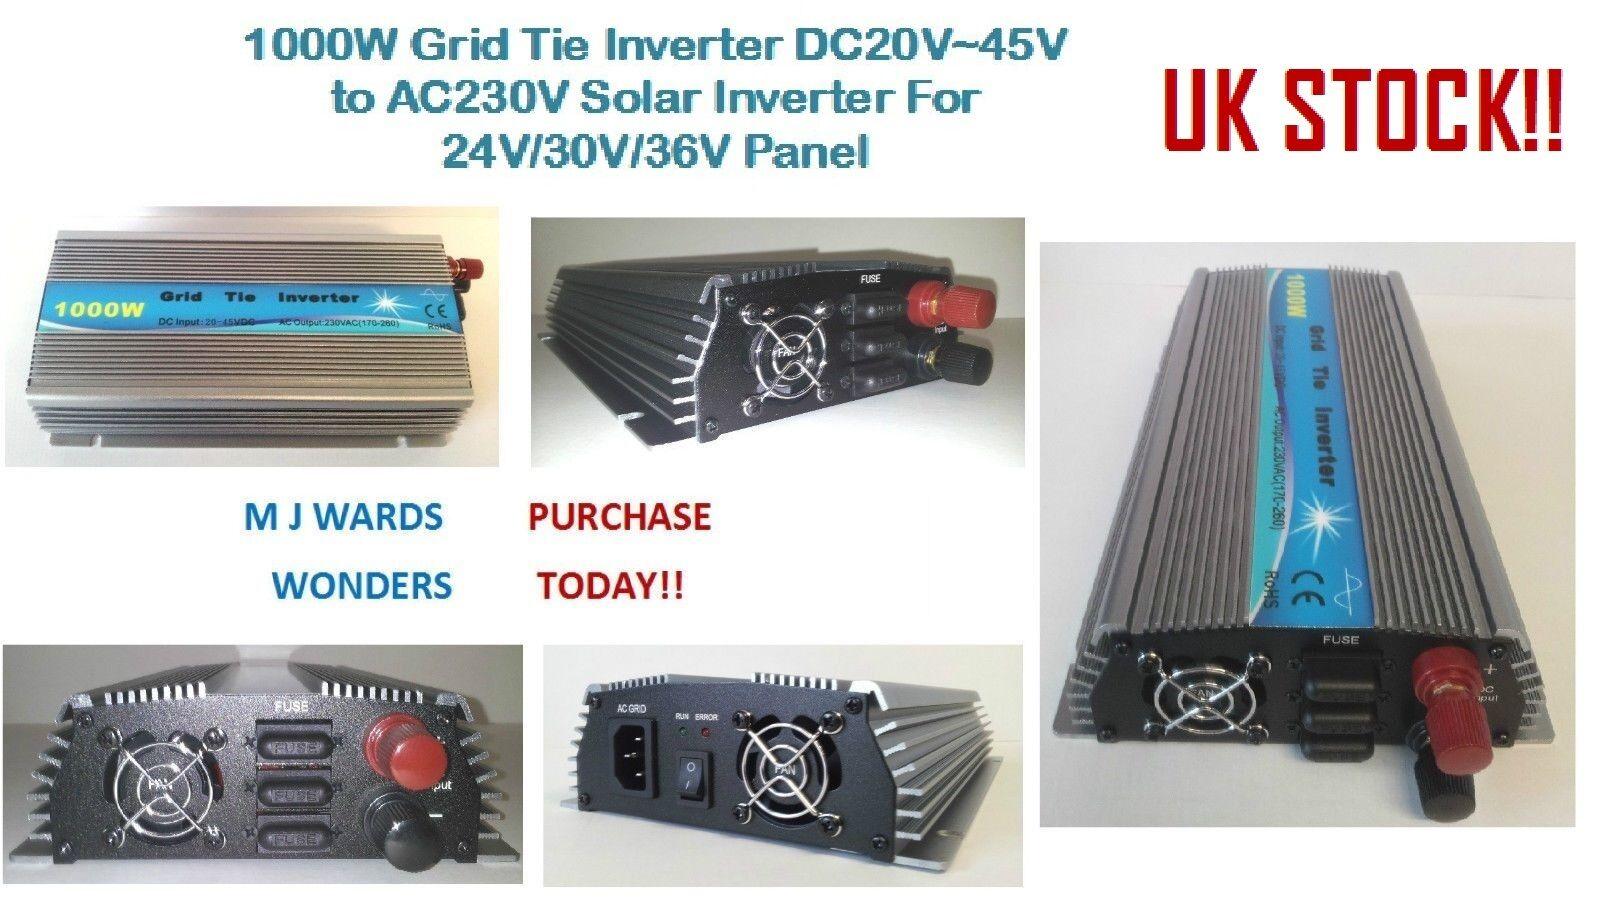 1000W Grid Tie Inverter DC20V45V to AC220V Solar Inverter For 24V/30V/36V Panel